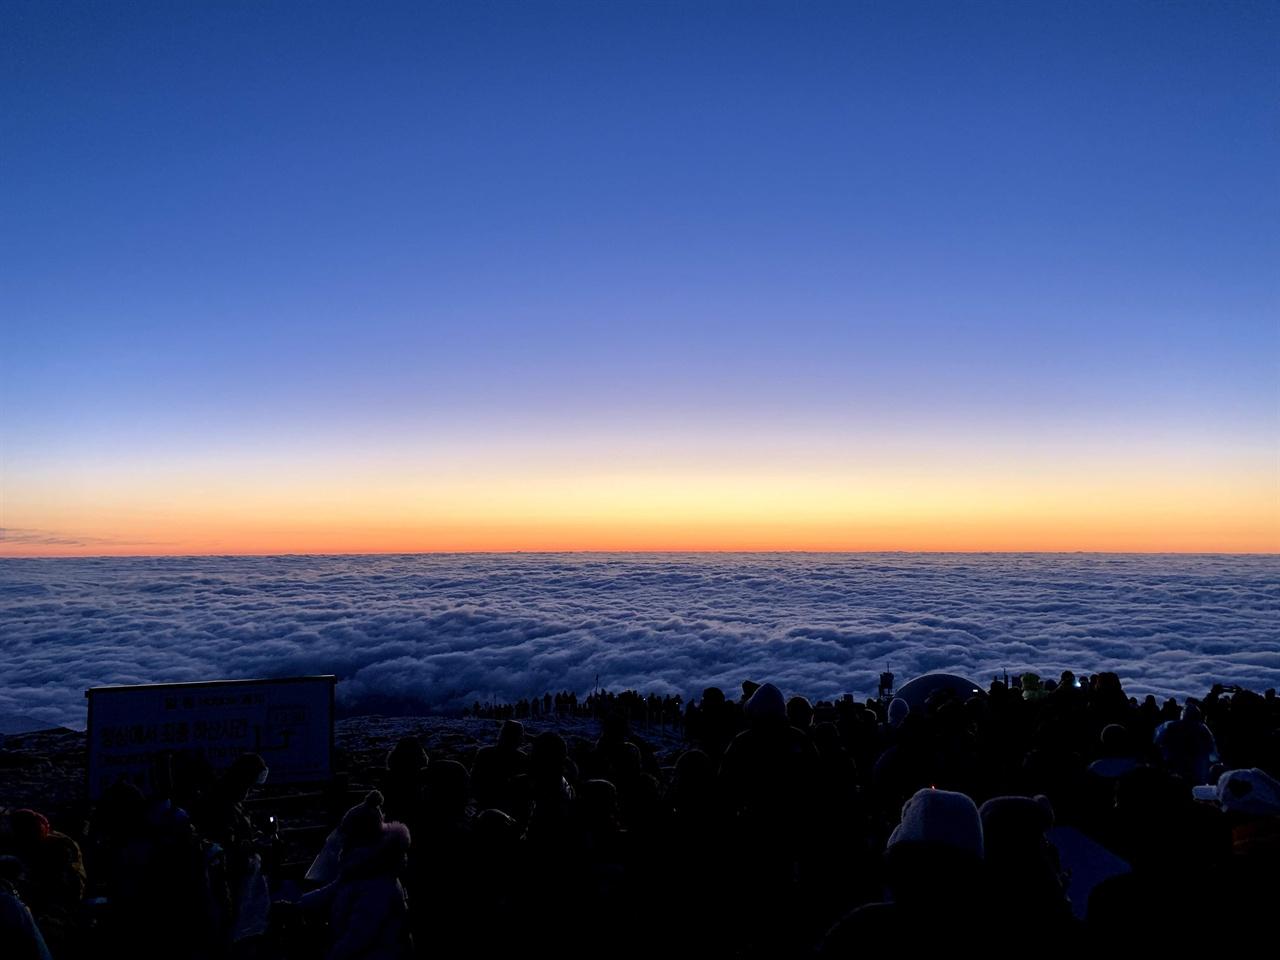 와, 우리는 구름 위에 올라와 있어요! 일출을 기다리던 풍경입니다. 멀리로 수평선을 가득 채운 것이 구름의 바다라는 것을 알아차렸습니다. 우리가, 구름 위에 올라와 있는 거예요!